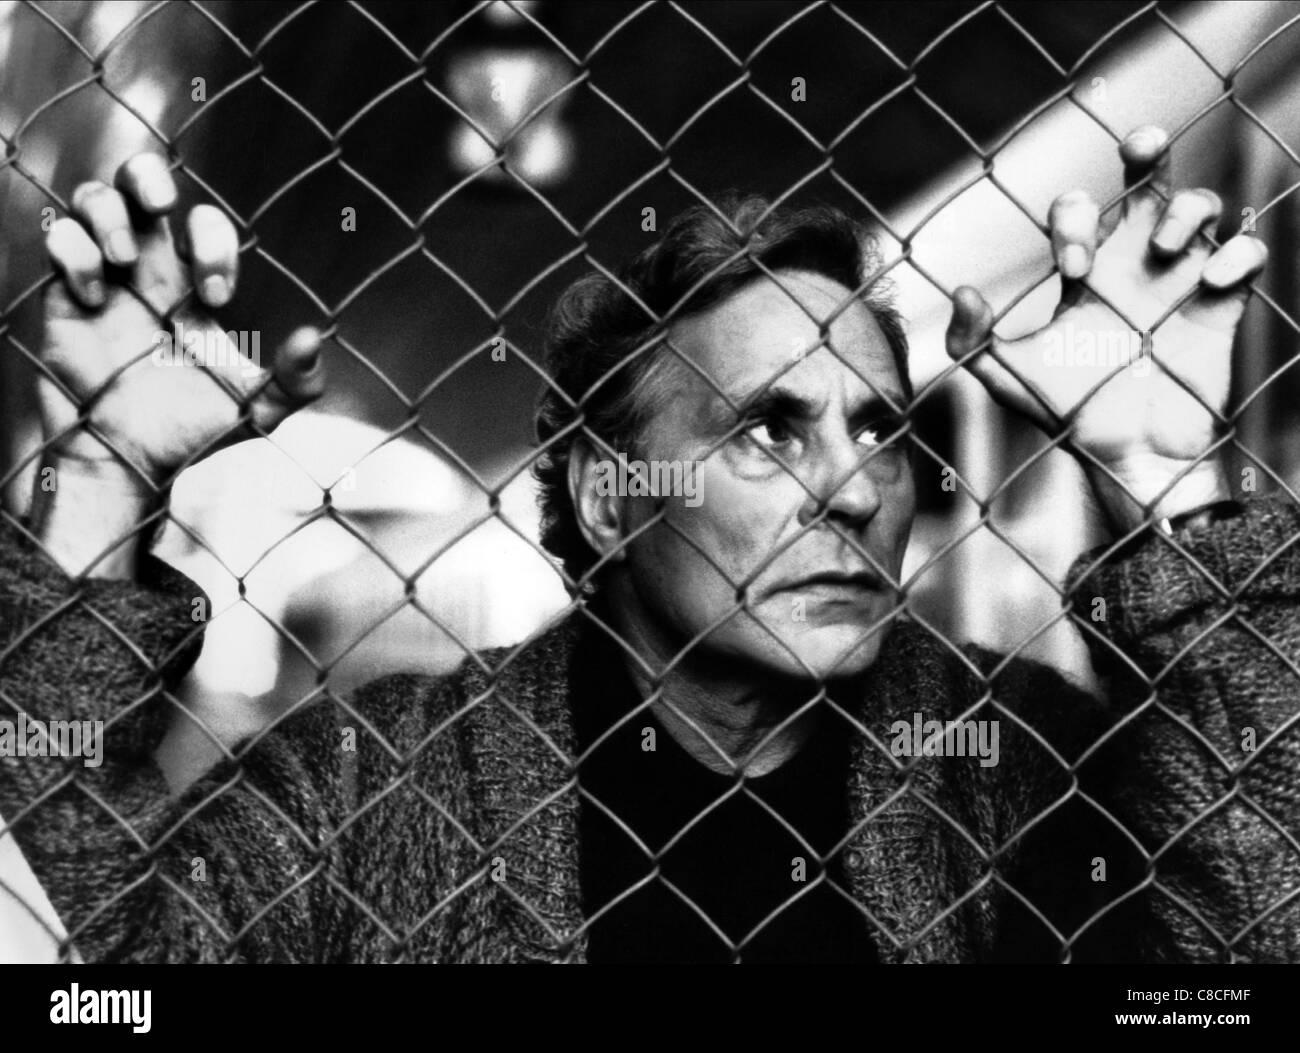 PETER FITZ QUATRE MAINS (1989) - Stock Image